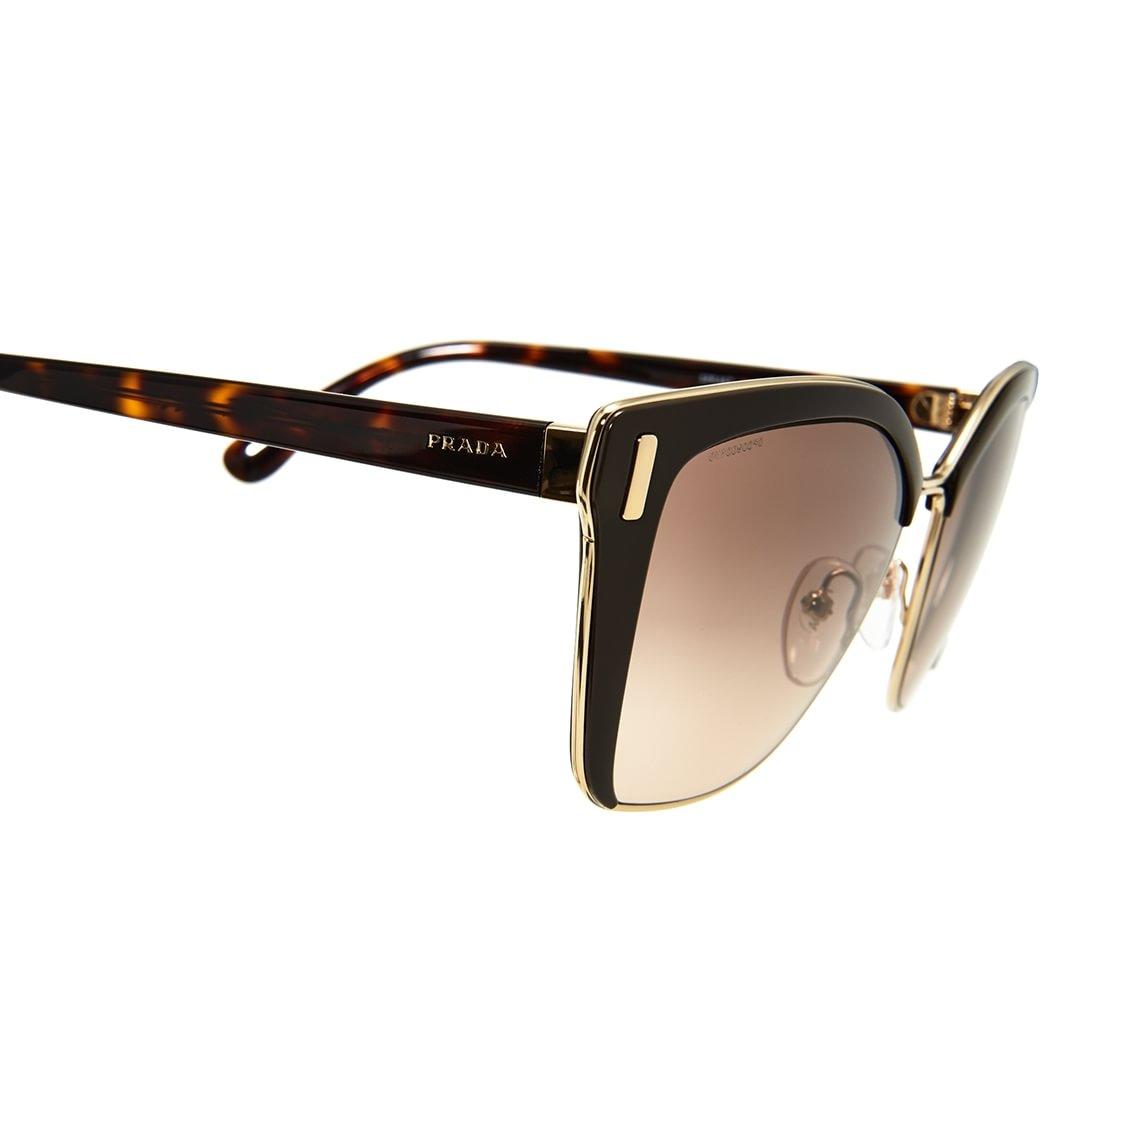 c390e85fb1d7 Prada PR56TS DHO3D0 5716 - Profil Optik